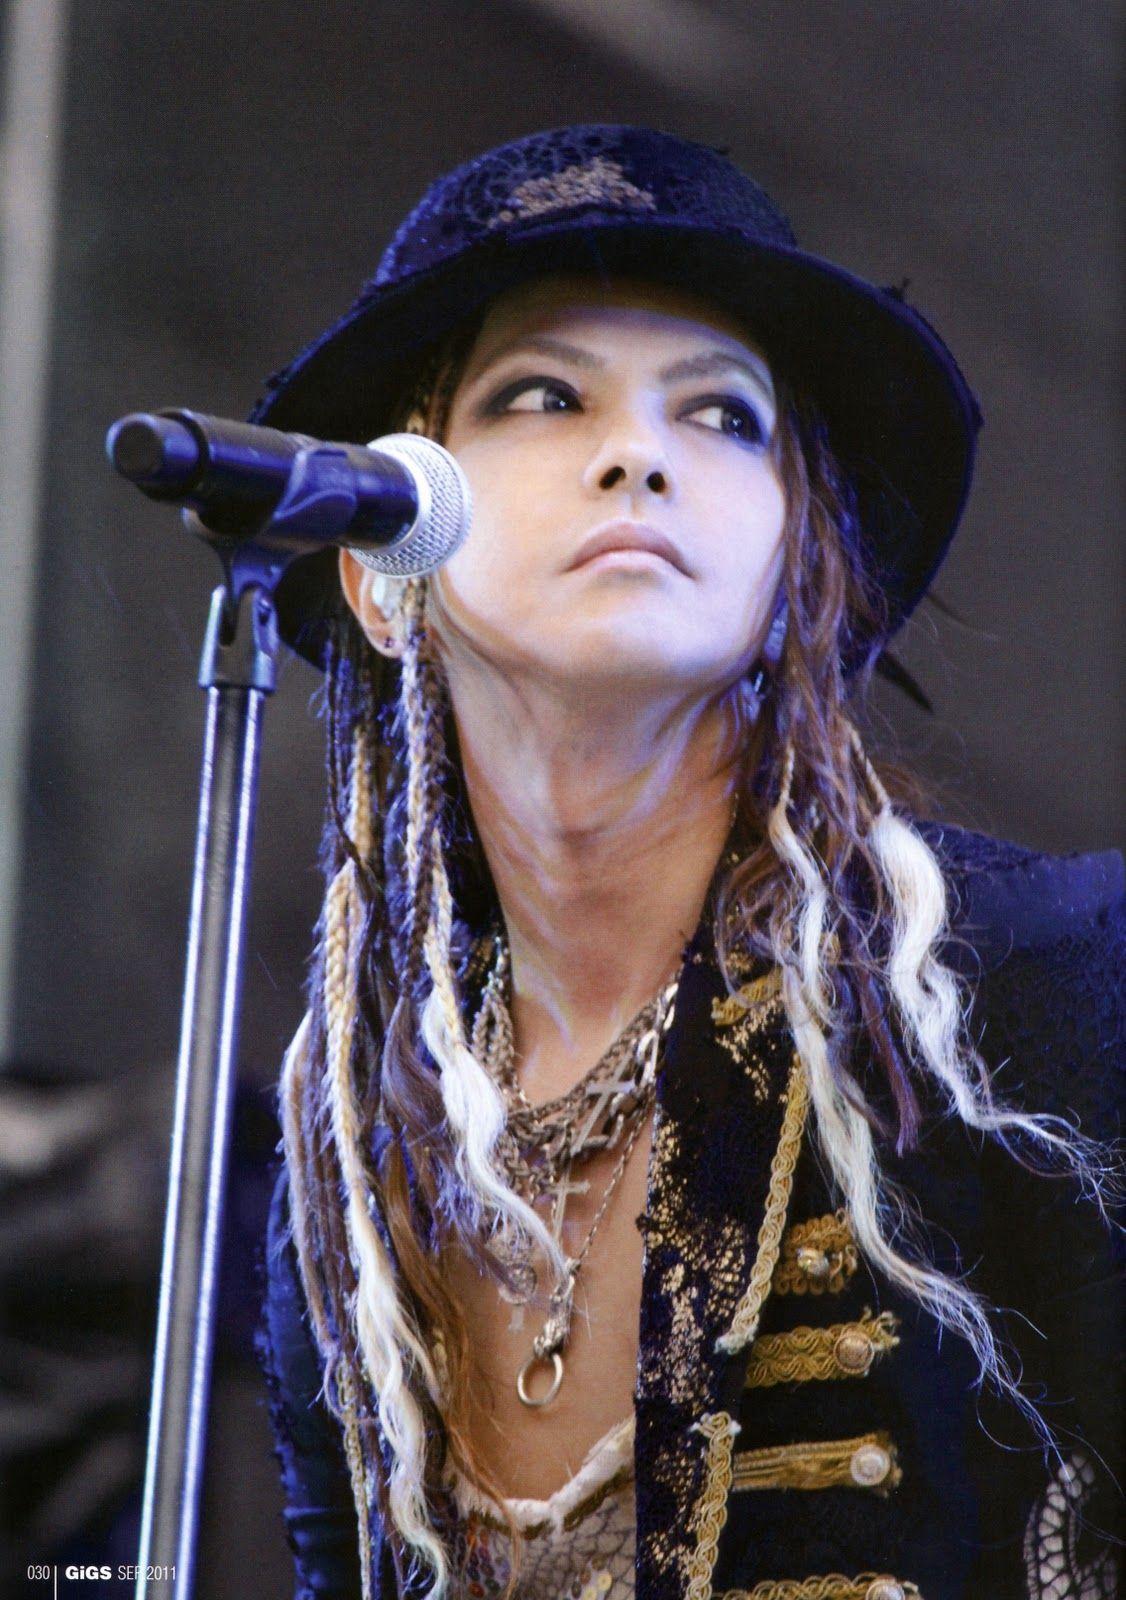 Hydeの画像 p1_17